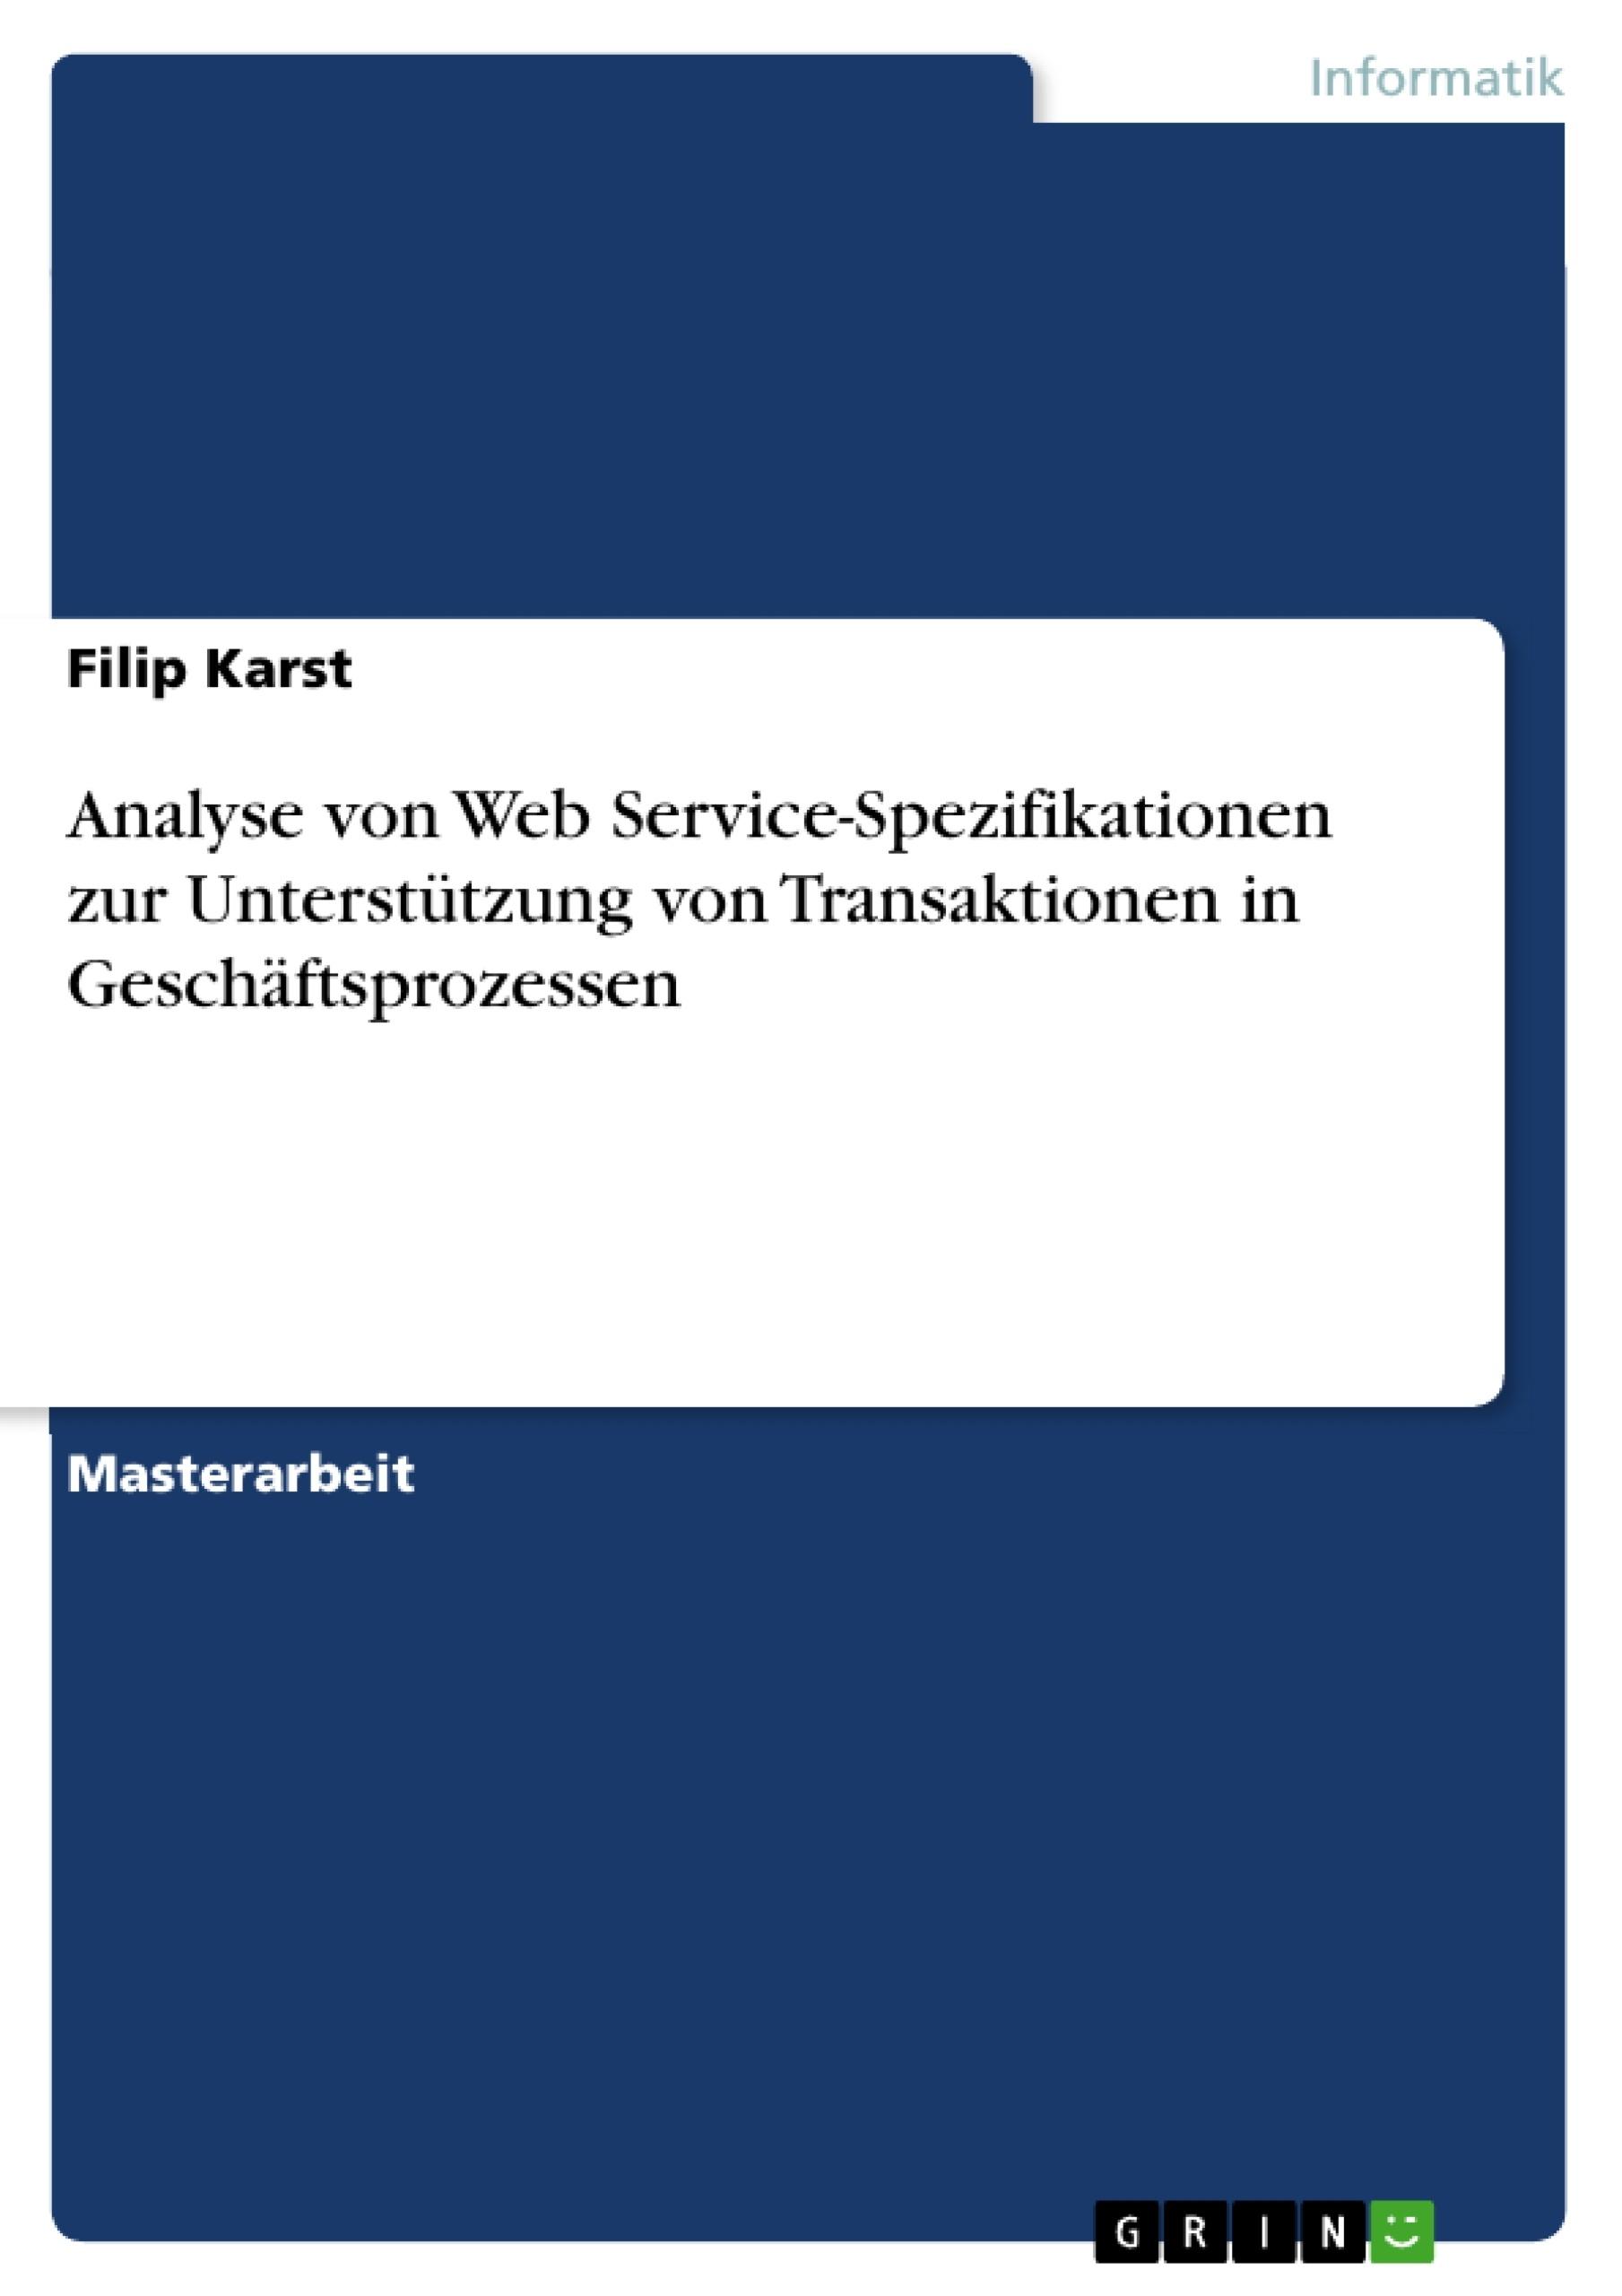 Titel: Analyse von Web Service-Spezifikationen zur Unterstützung von Transaktionen in Geschäftsprozessen